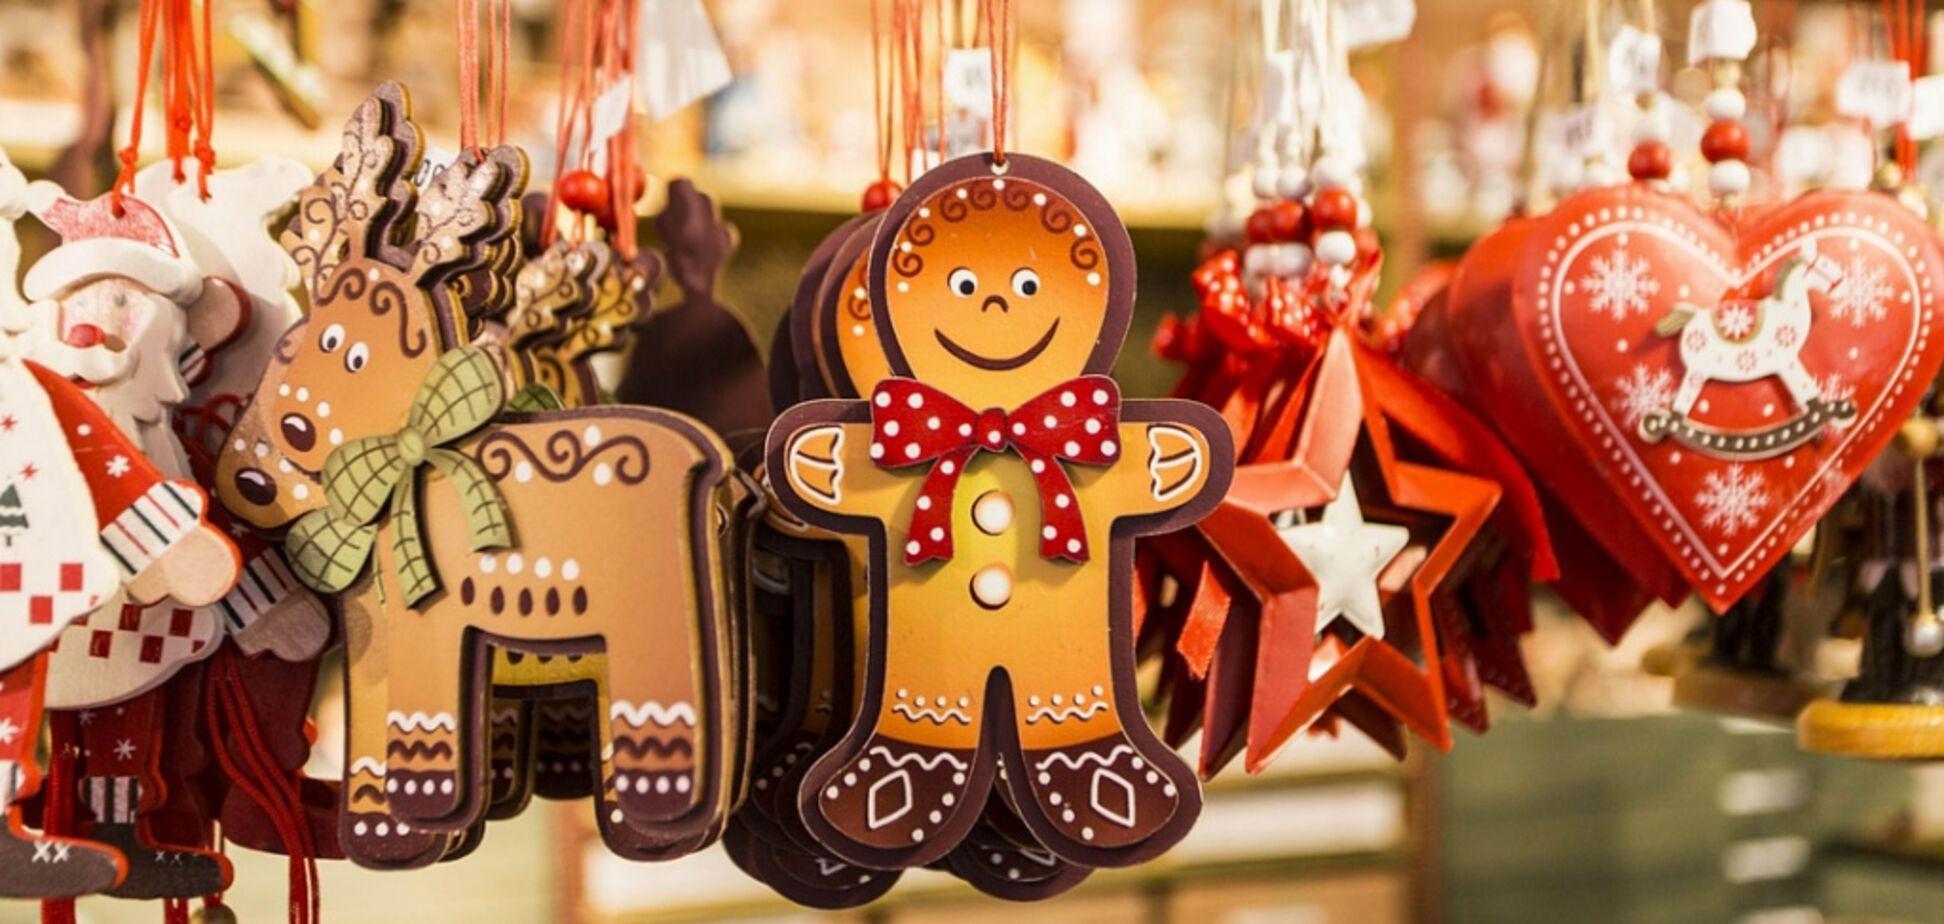 У місті на Харківщині вирішили проводити новорічні ярмарки